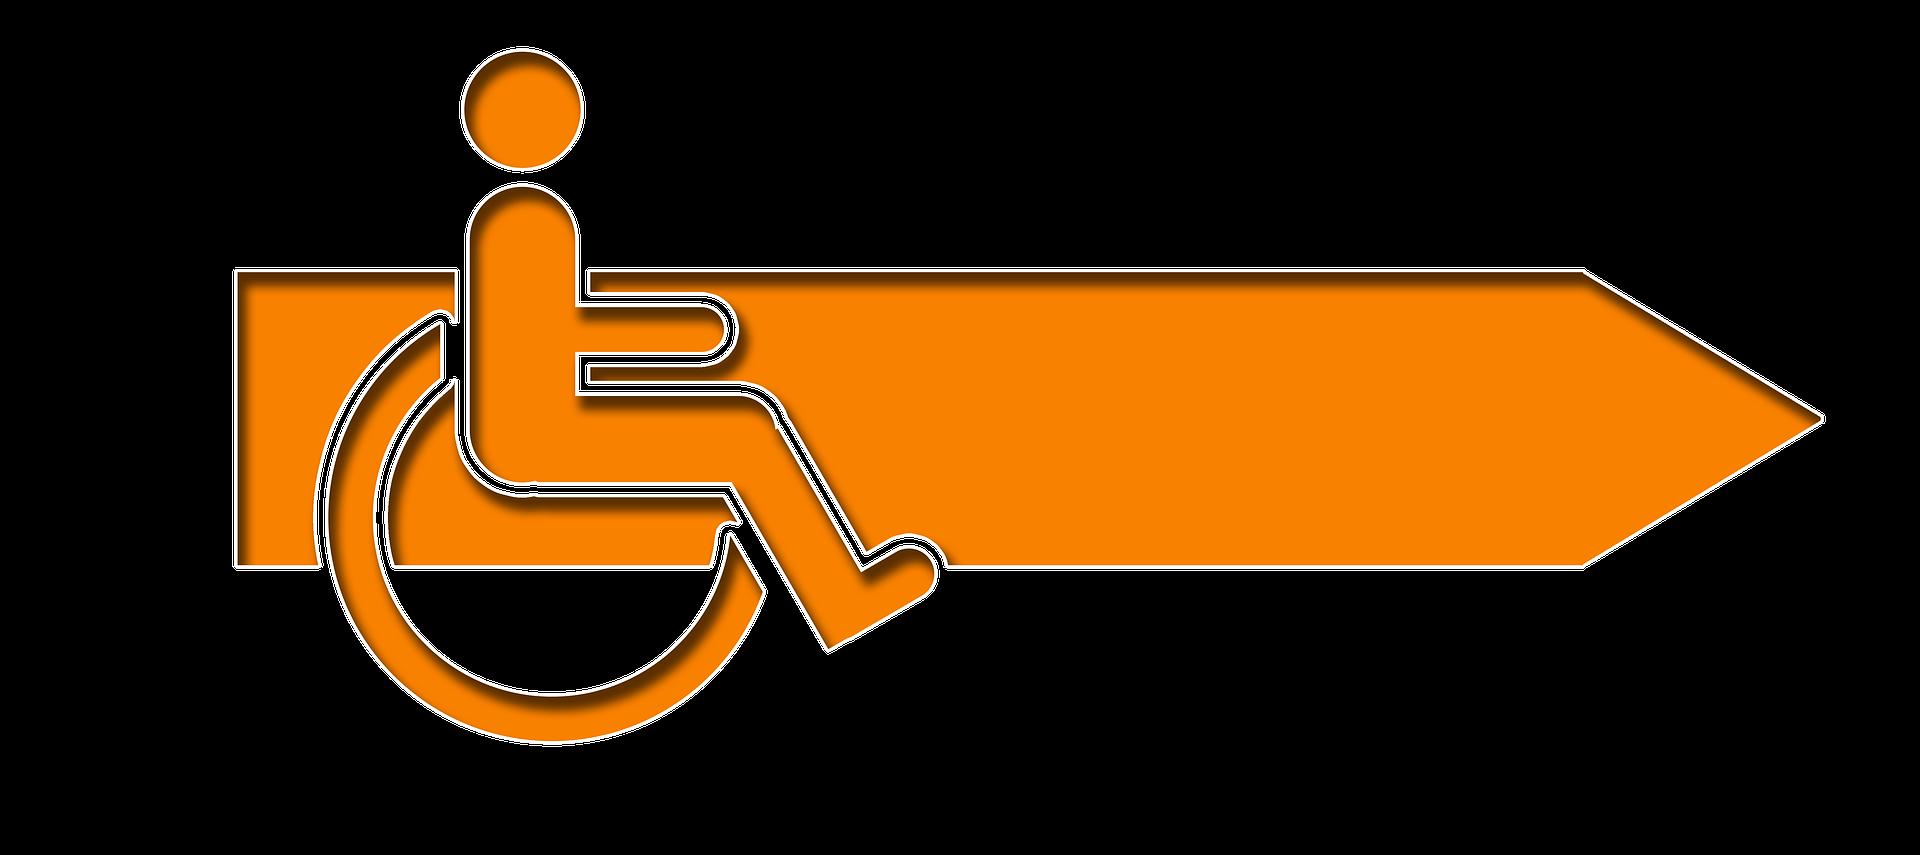 Accessibility in Belgium